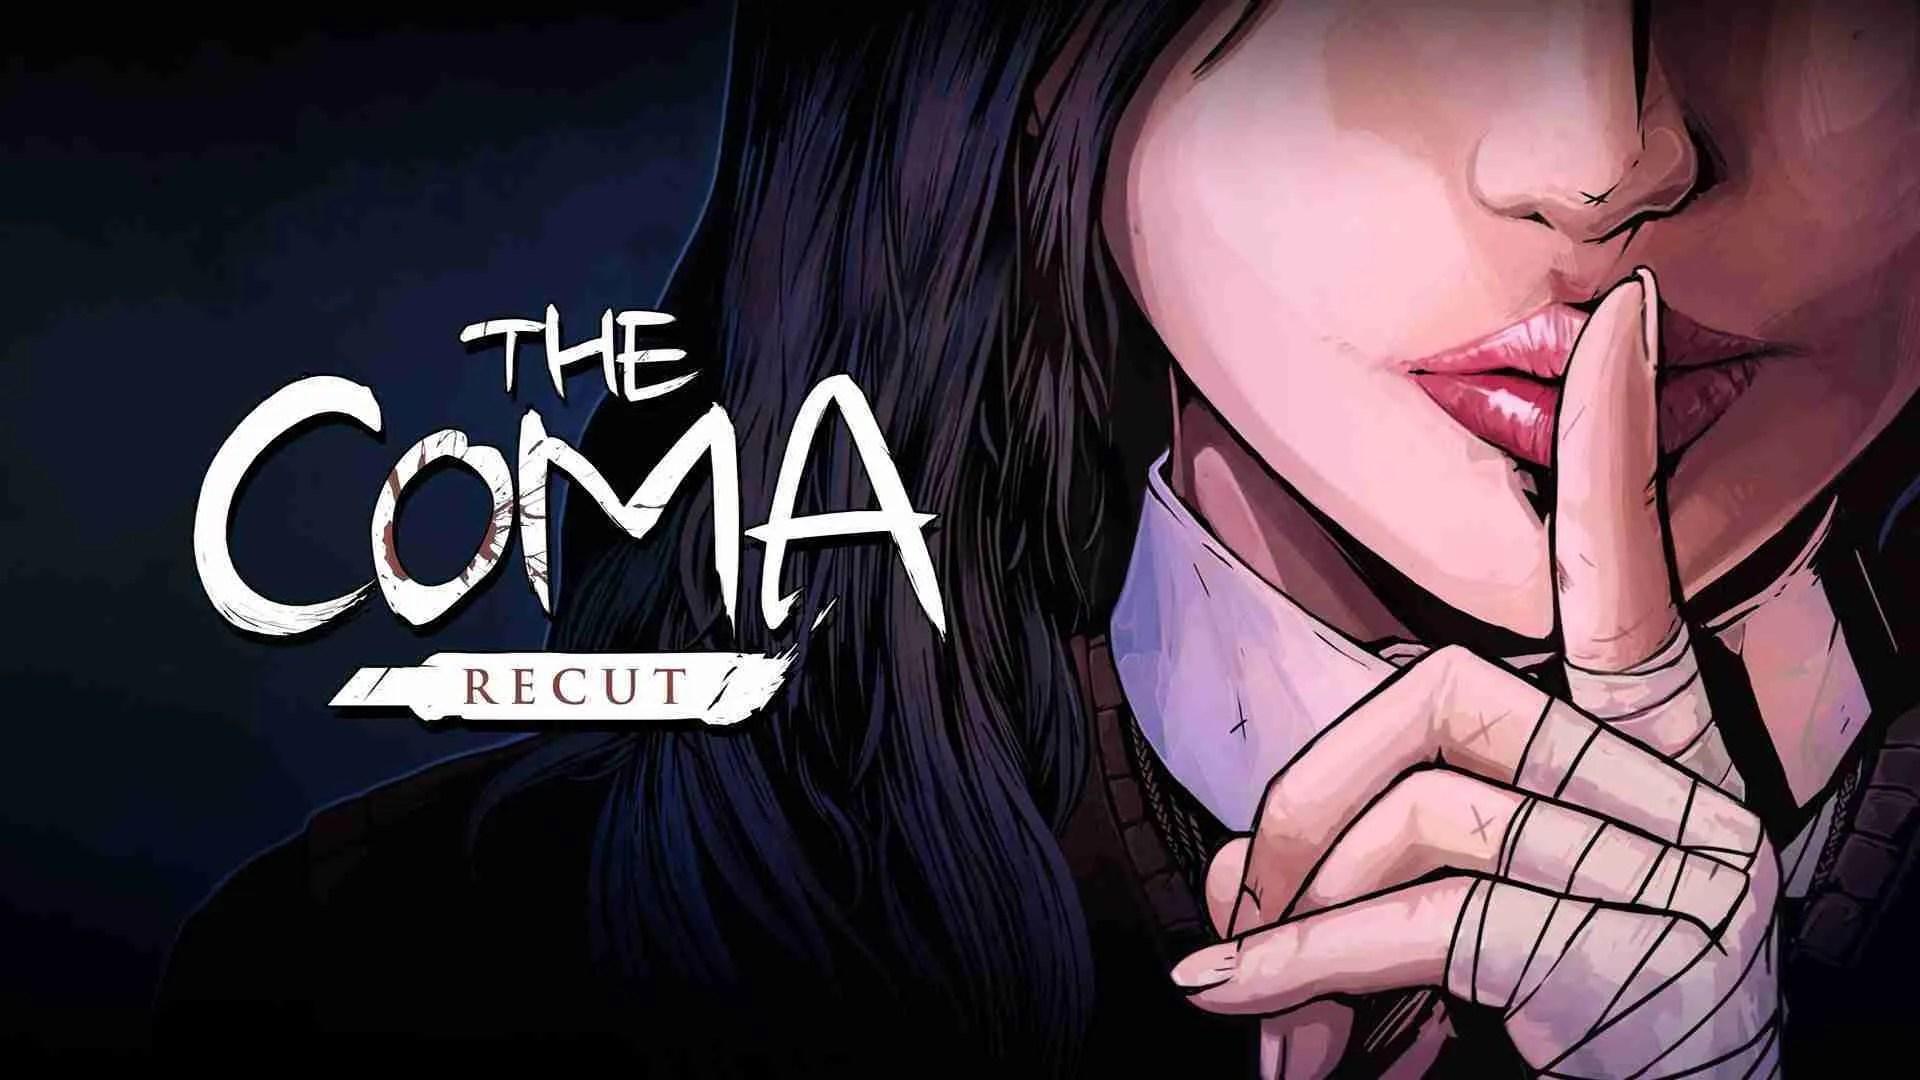 The Coma (Recut)